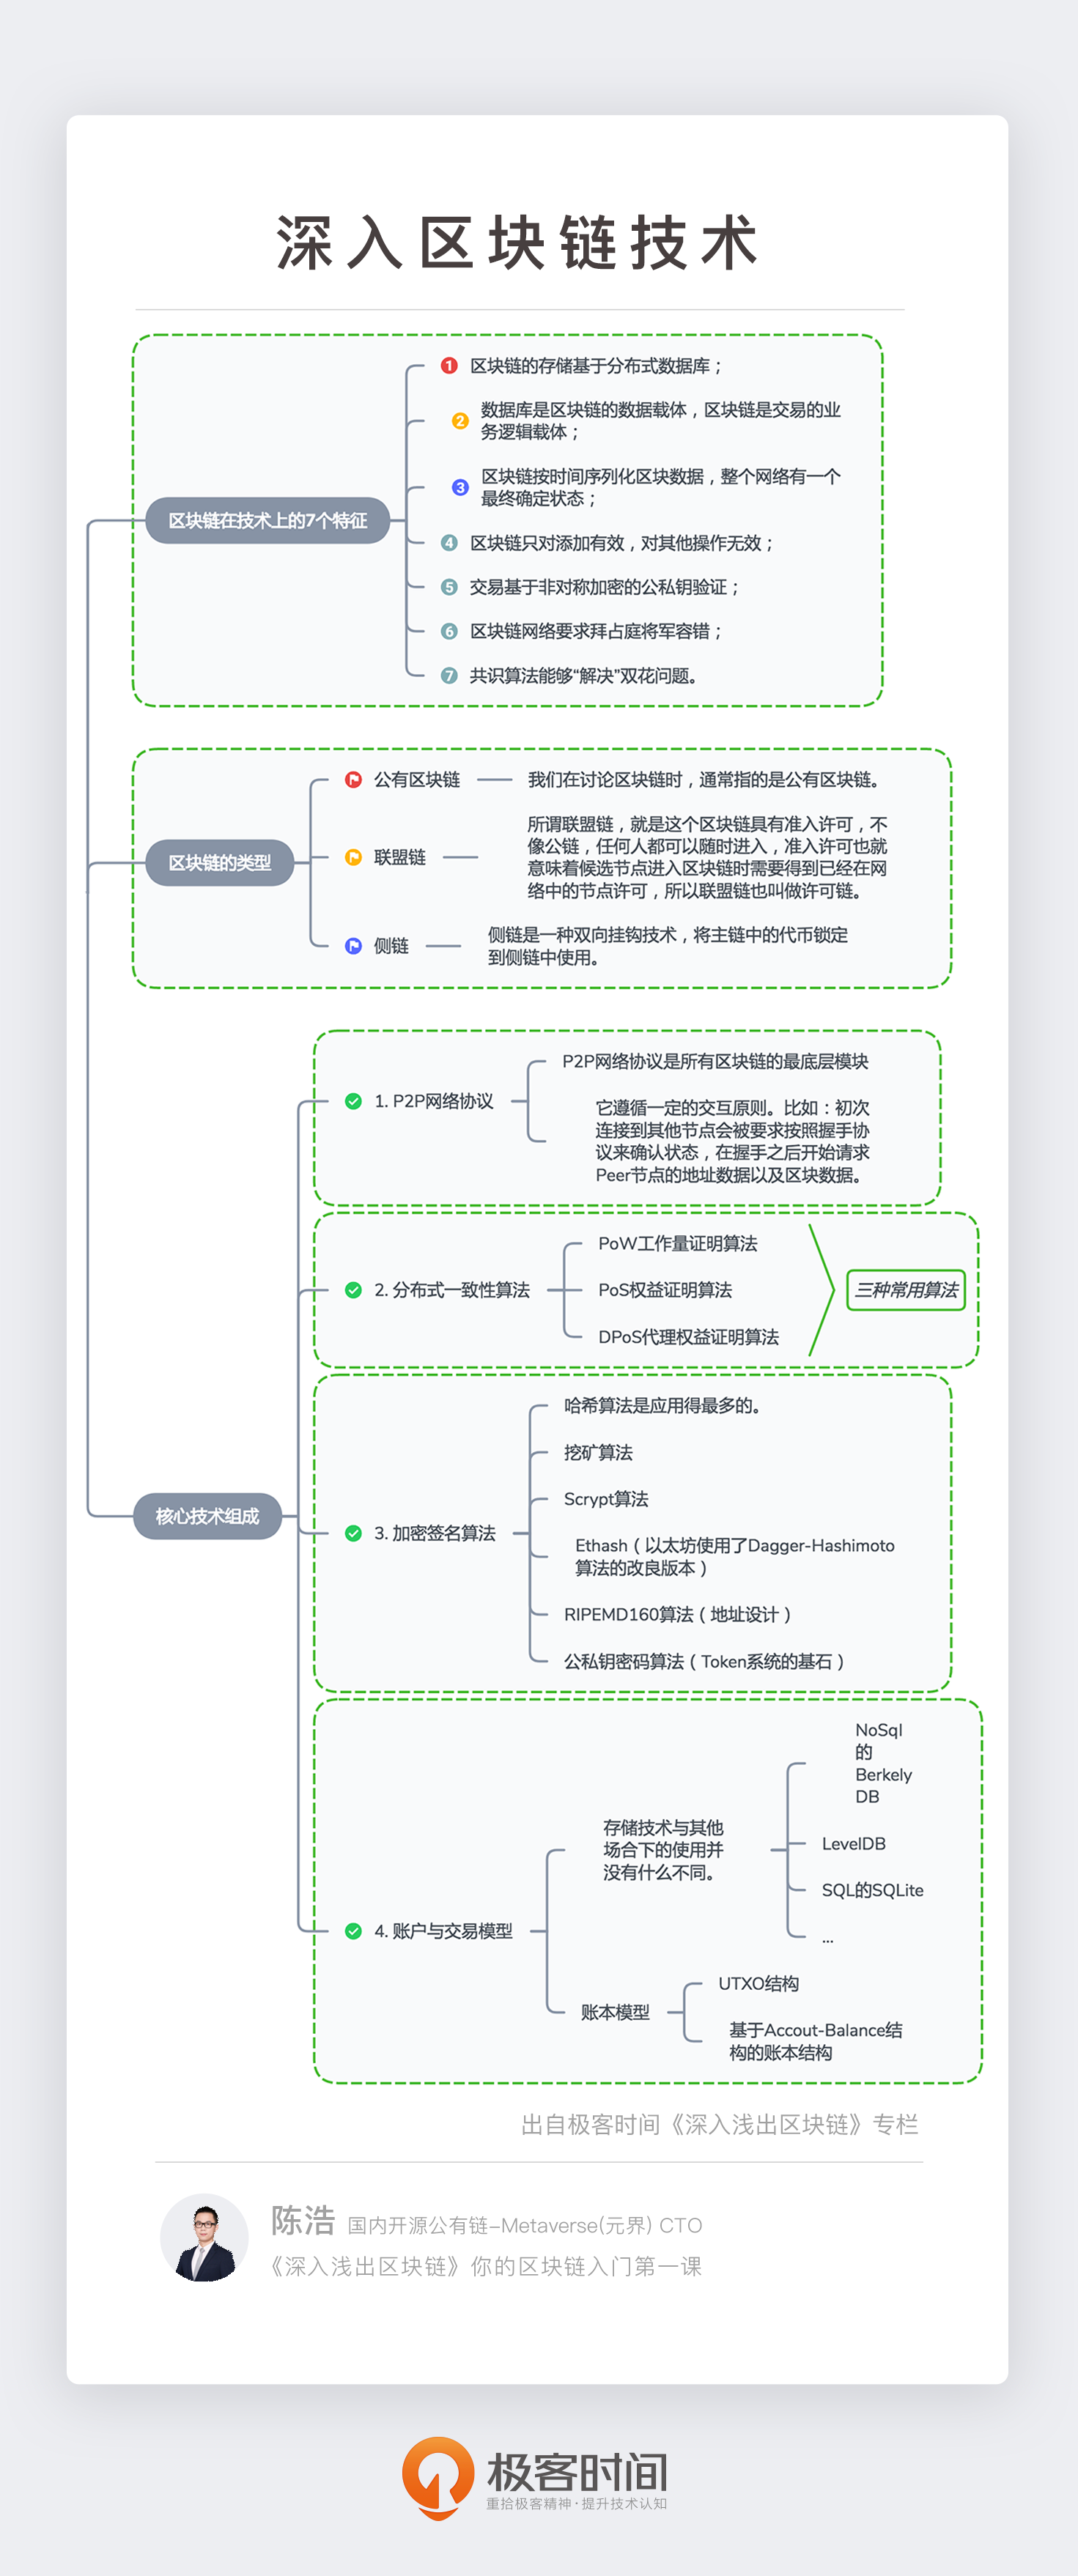 20190322-深入区块链技术 .png